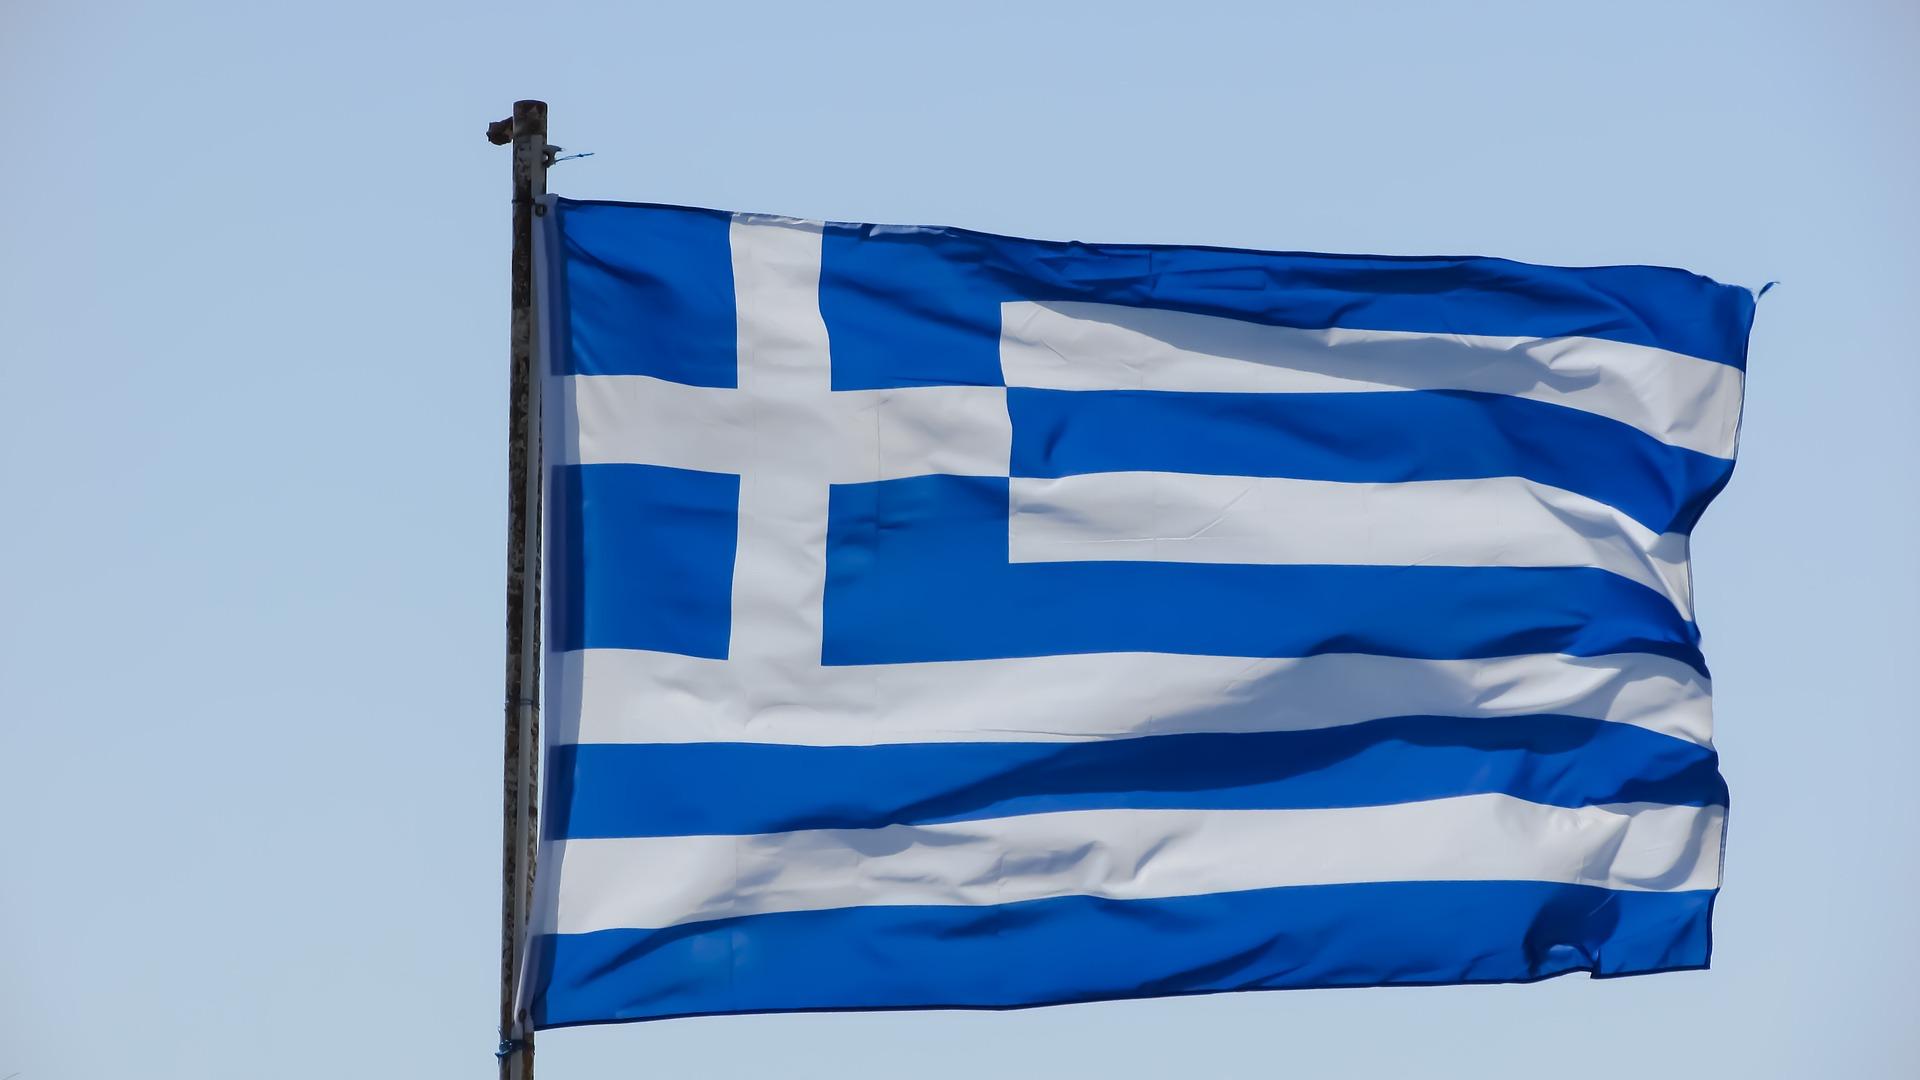 שיא של עשור - הנדלן היווני מושך השקעות זרות